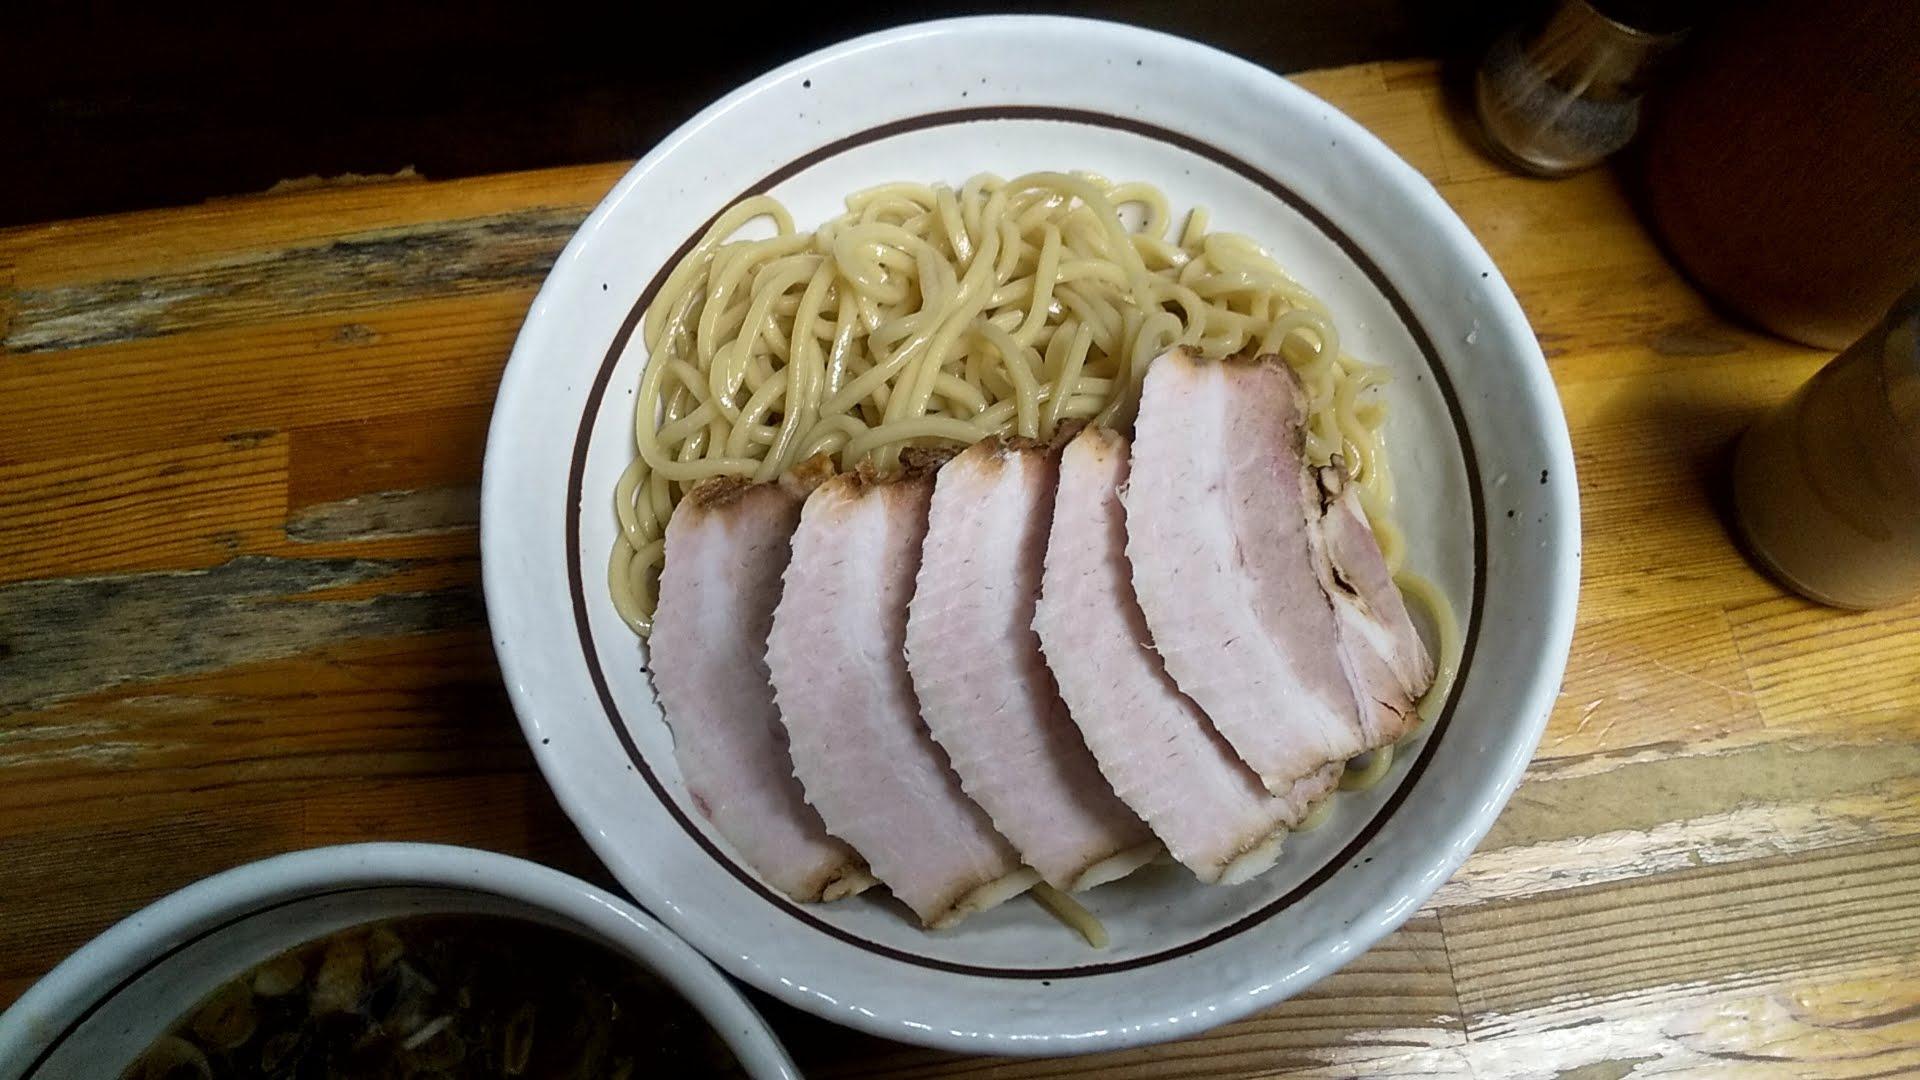 中華そばつけめん甲斐の味玉チャーシューつけ麺の麺皿写真